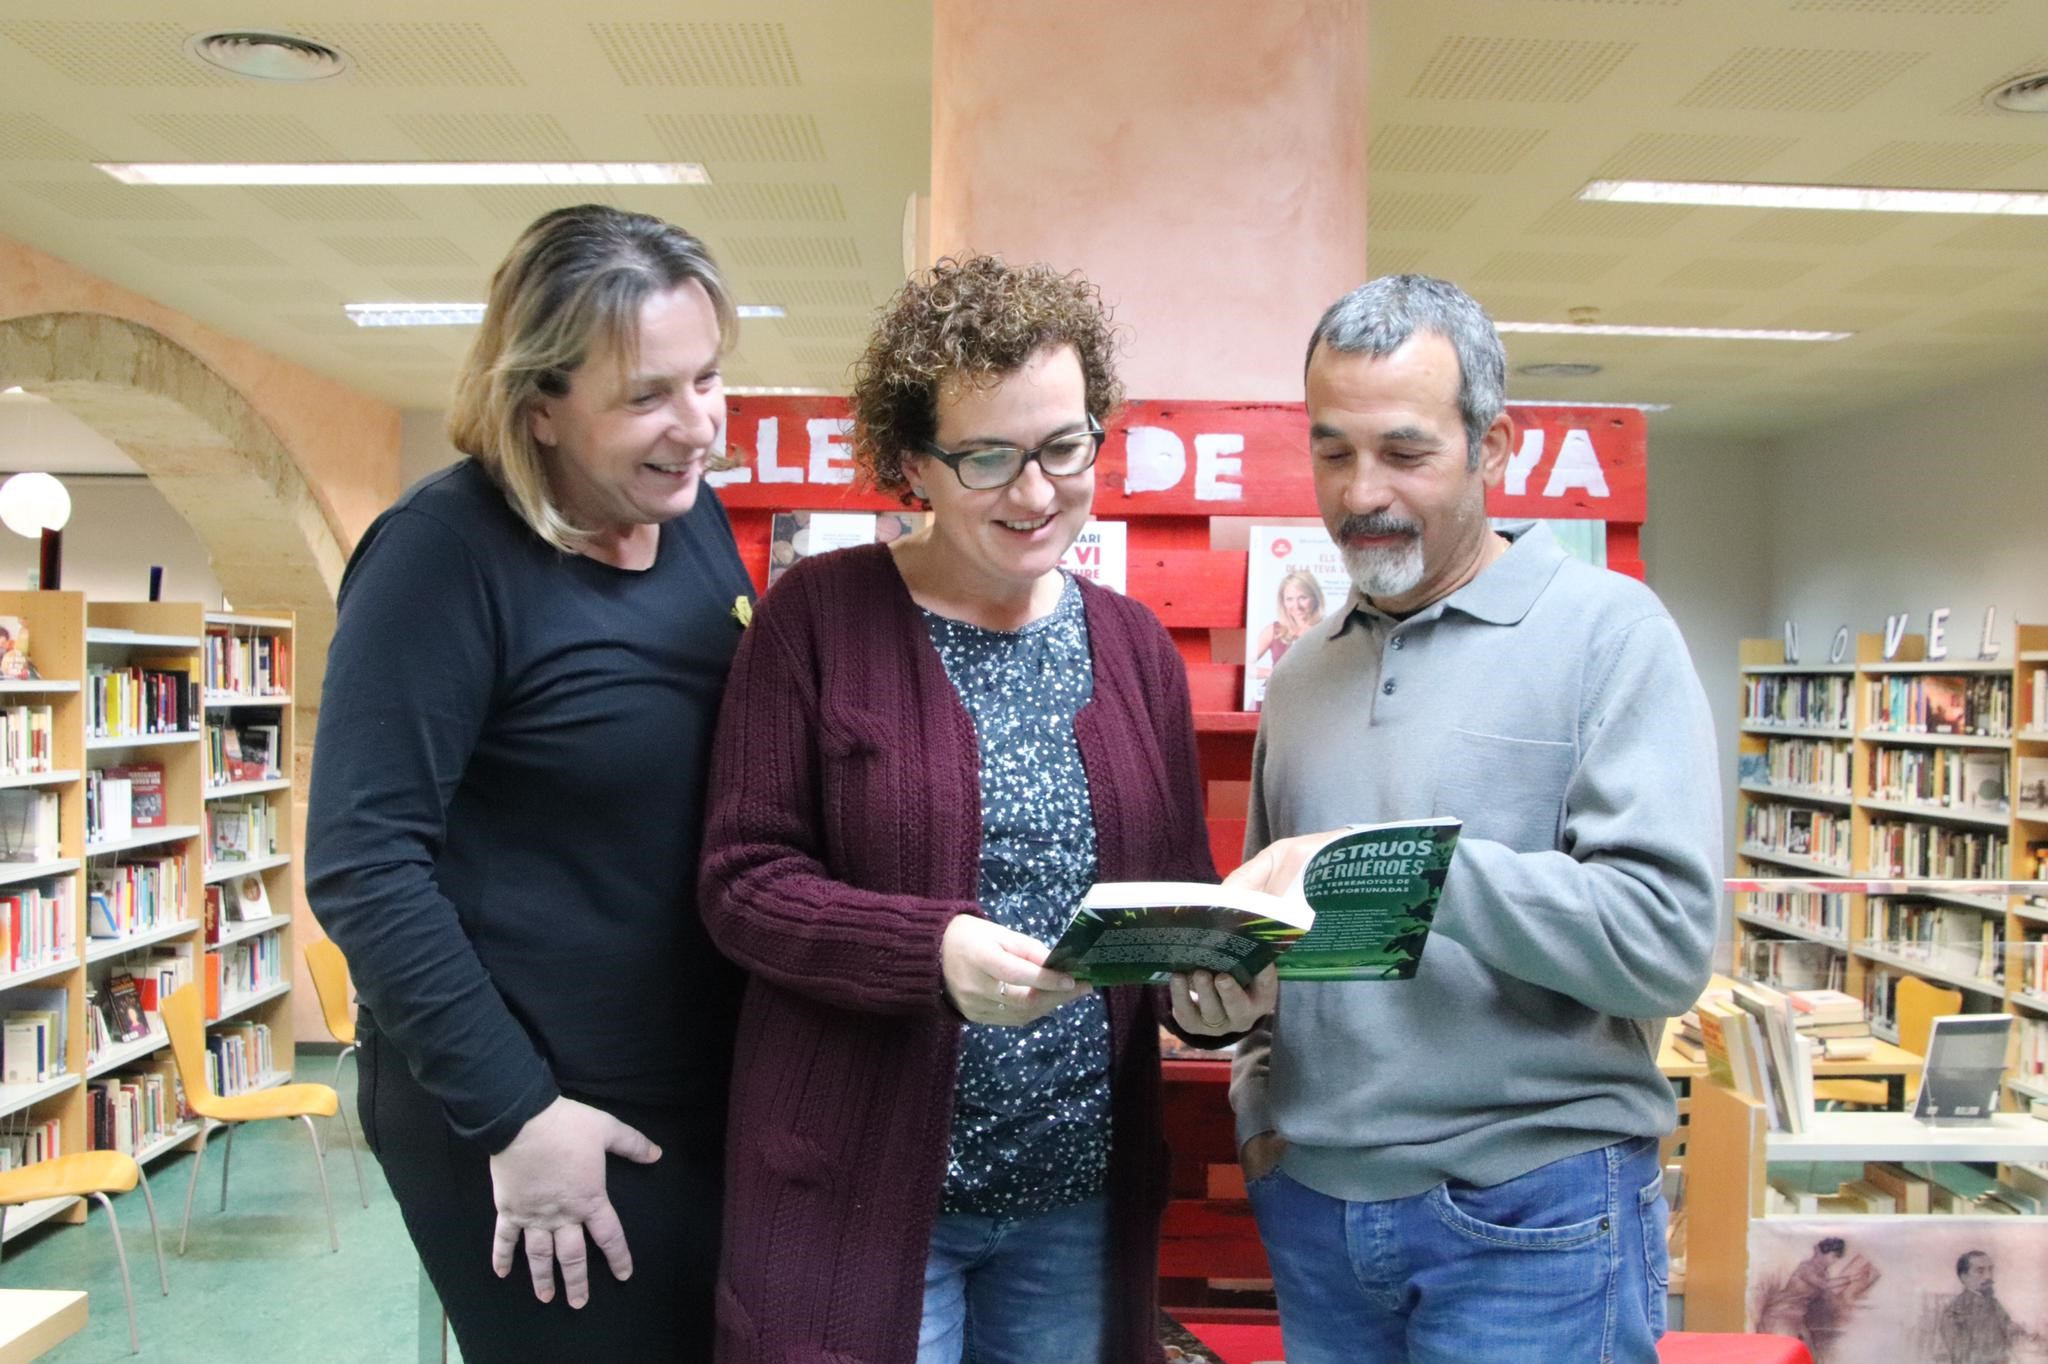 """El bisbalenc Ferran Solé ha fet entrega del llibre """"Monstruos y superhéroes. Relatos terremotos de las islas afortunadas"""" a la Biblioteca"""